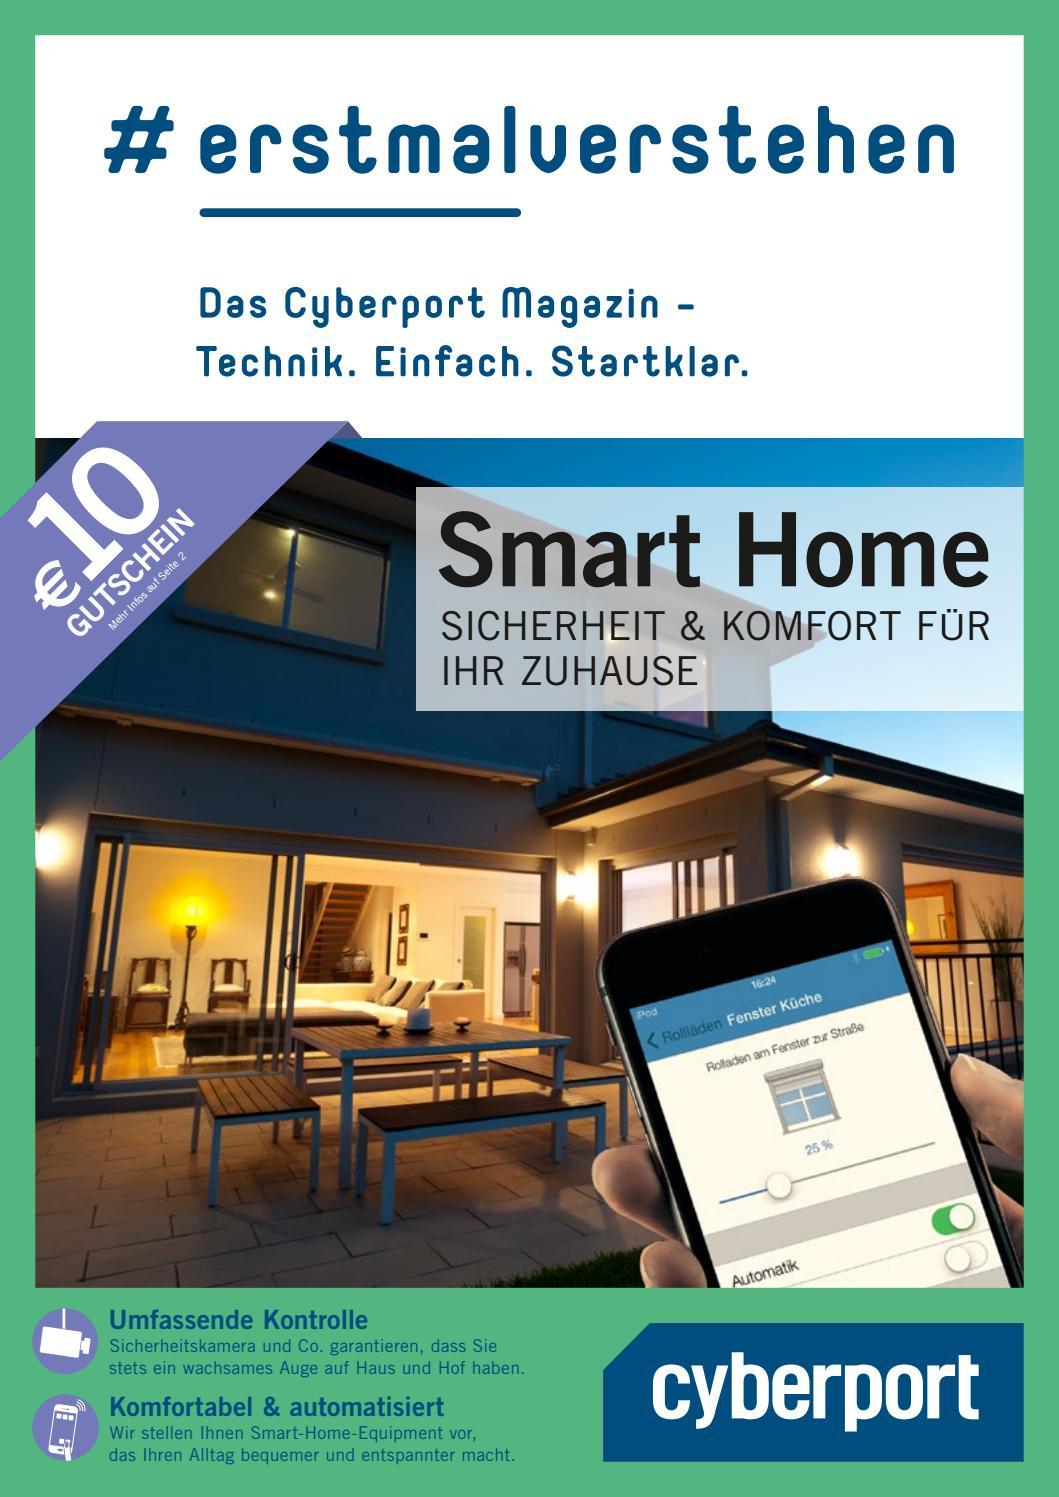 das cyberport magazin sicherheit komfort f r ihr. Black Bedroom Furniture Sets. Home Design Ideas